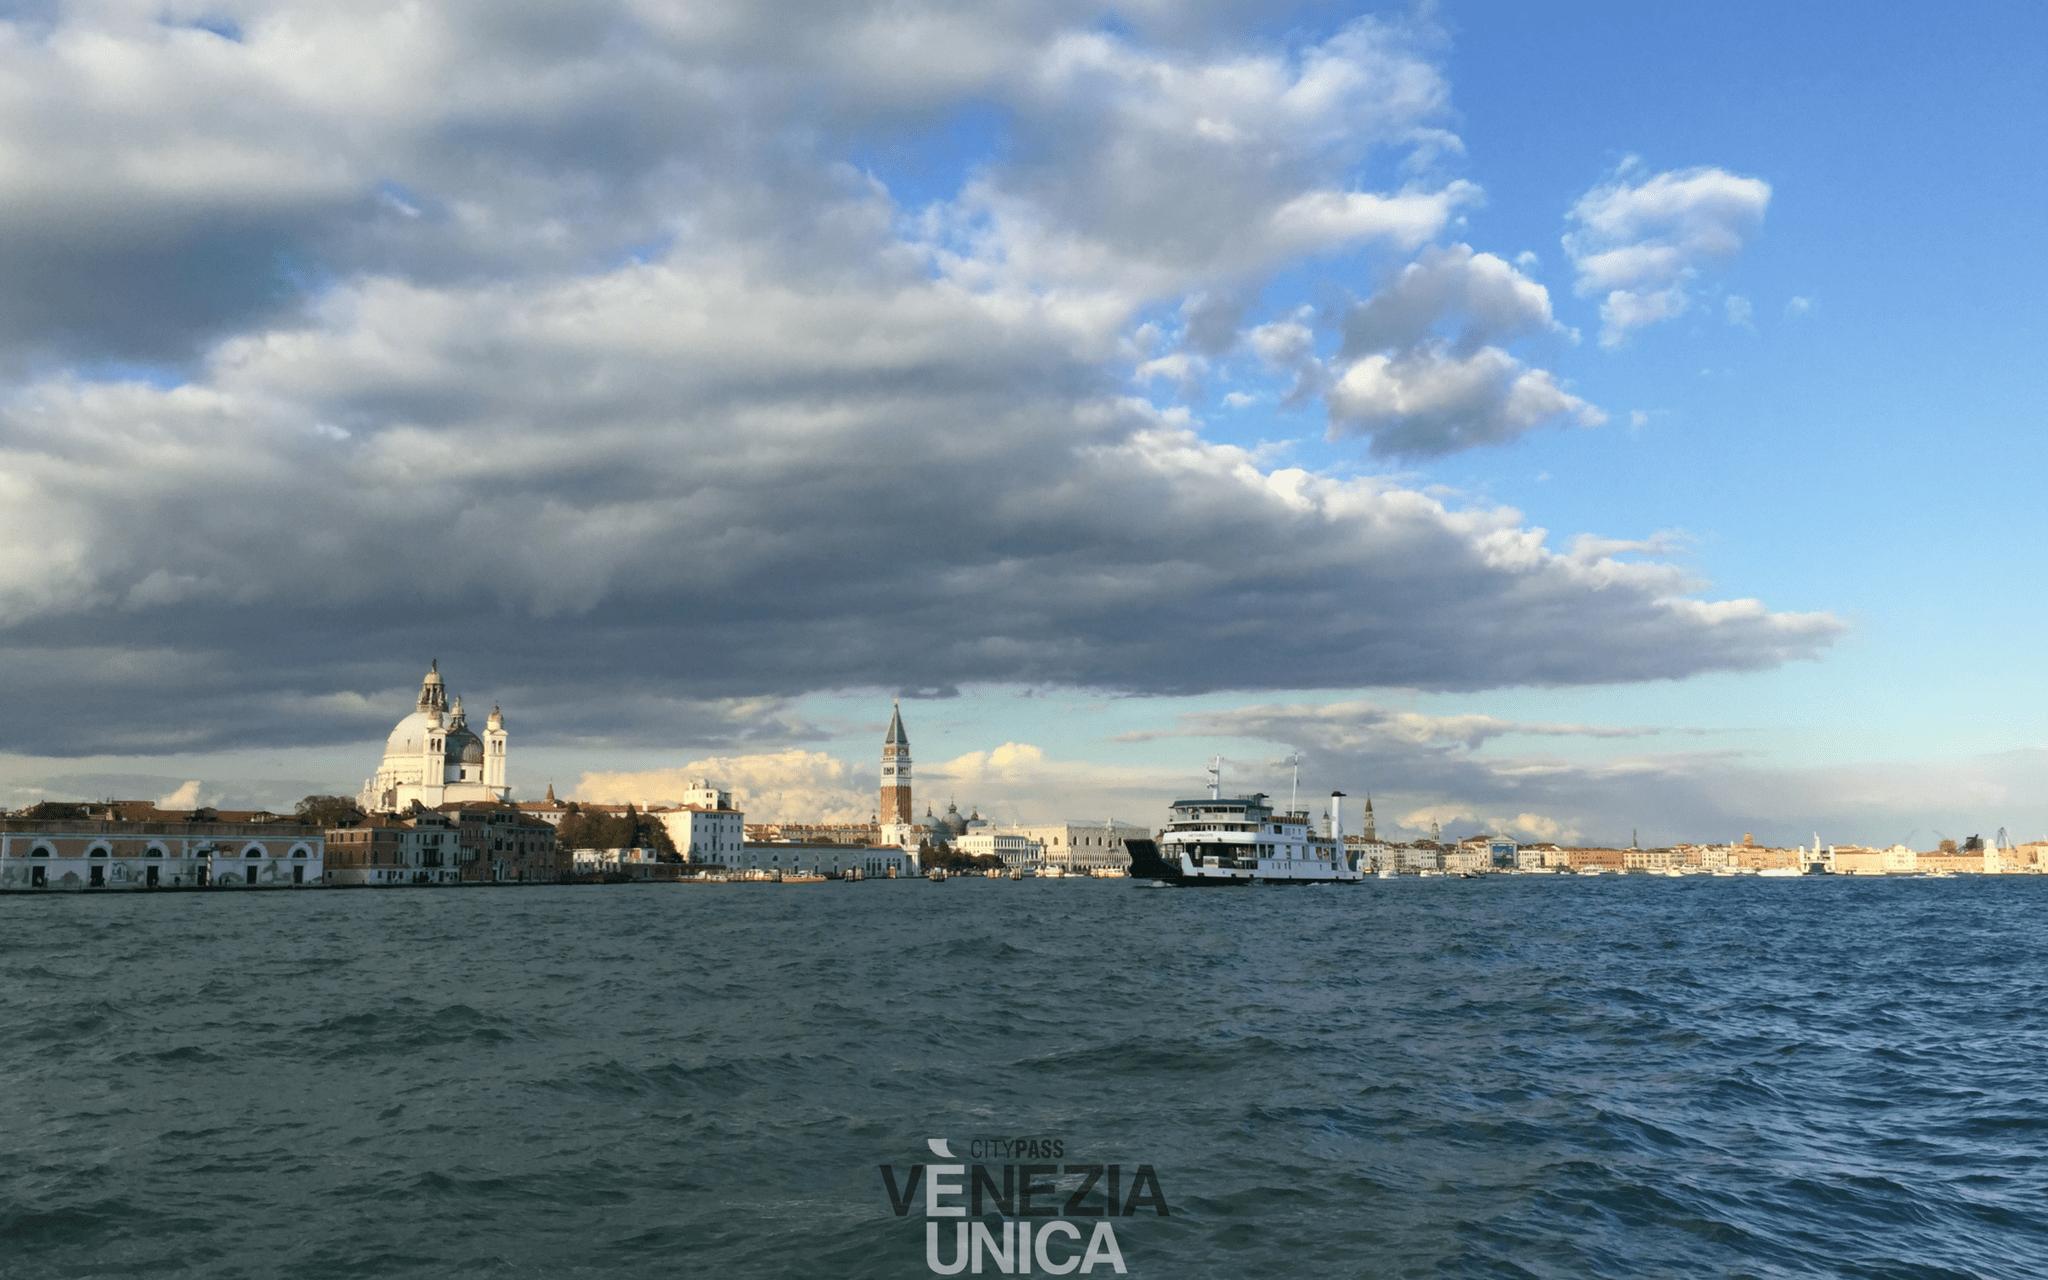 Come arrivare a Venezia - Carnevale di Venezia 2020 - sito ufficiale